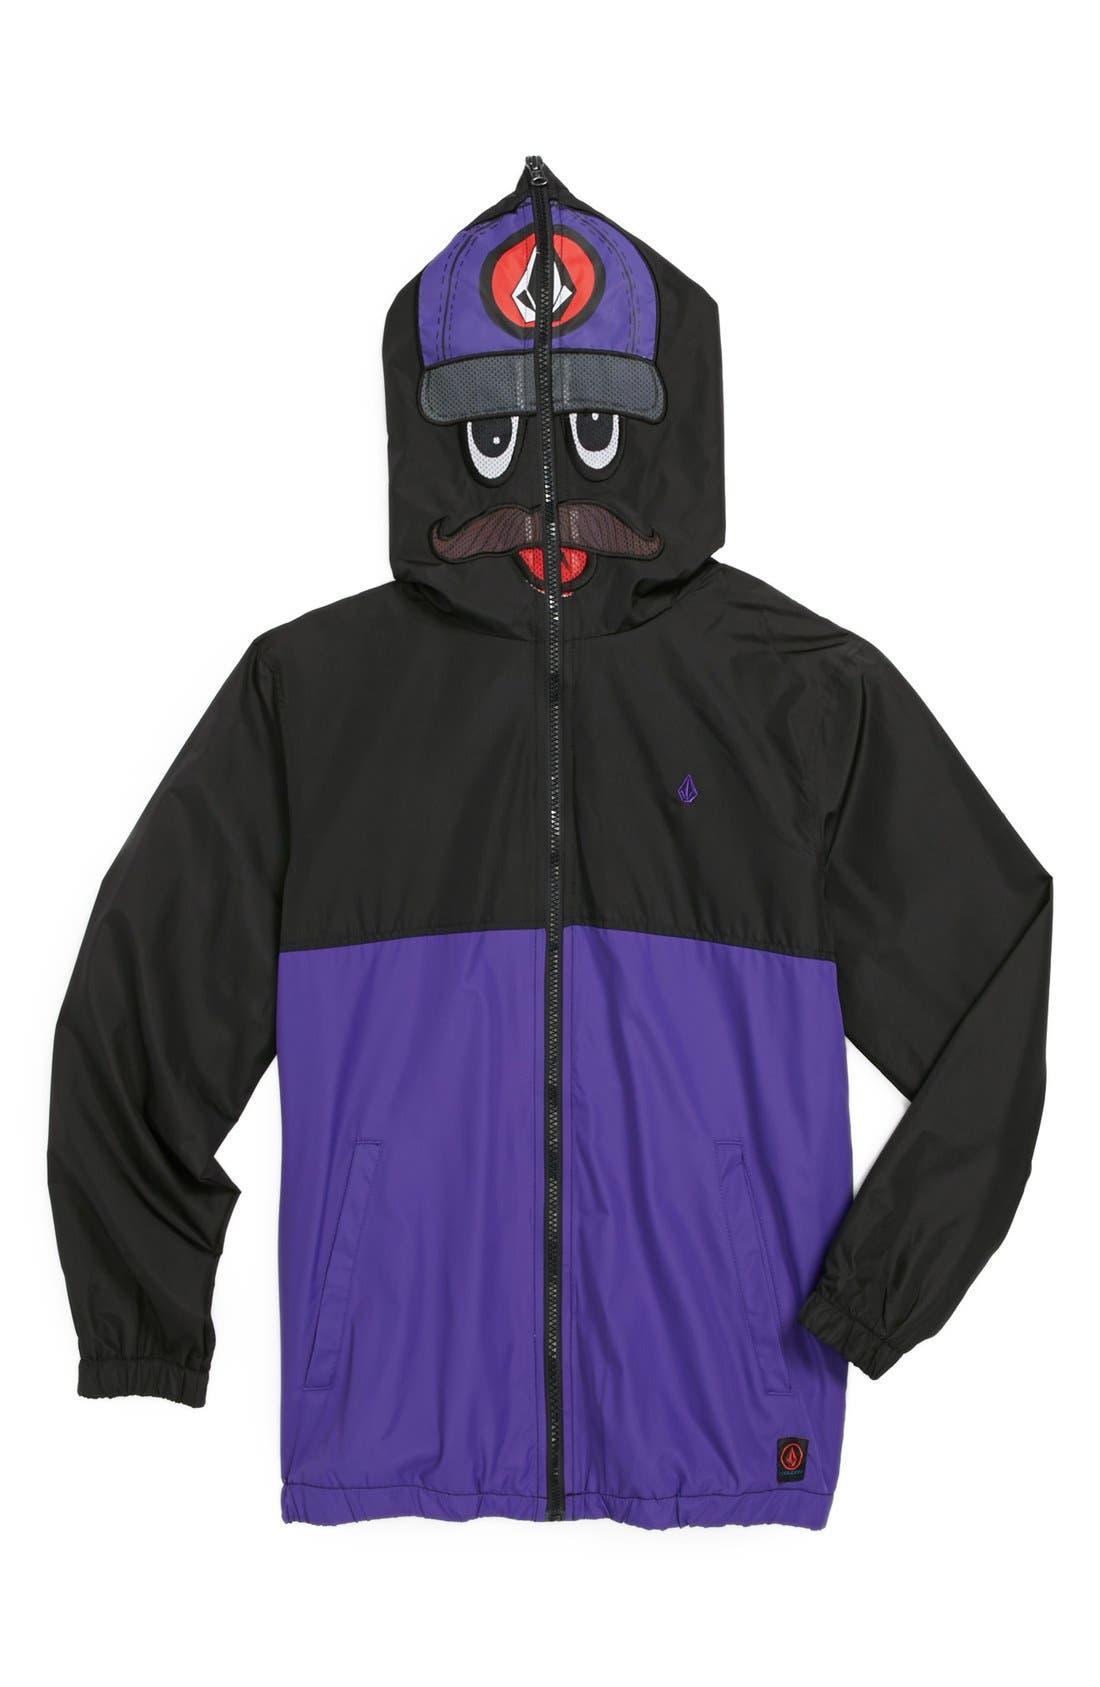 Alternate Image 1 Selected - Volcom 'Hoopla Digger' Jacket (Big Boys)